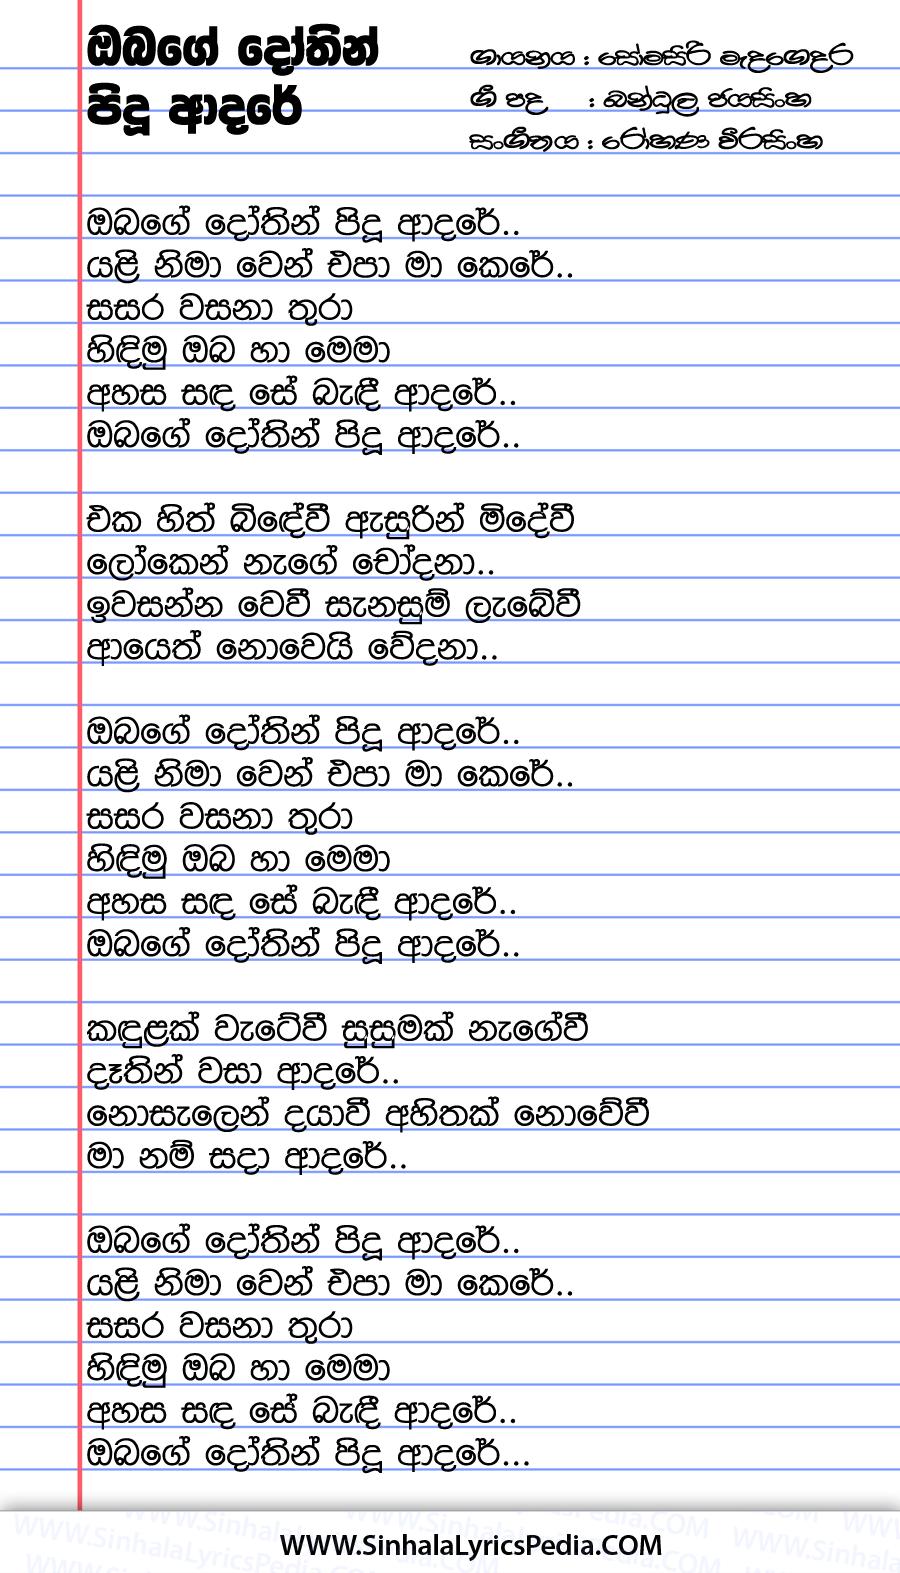 Obage Dothin Pidu Adare Song Lyrics